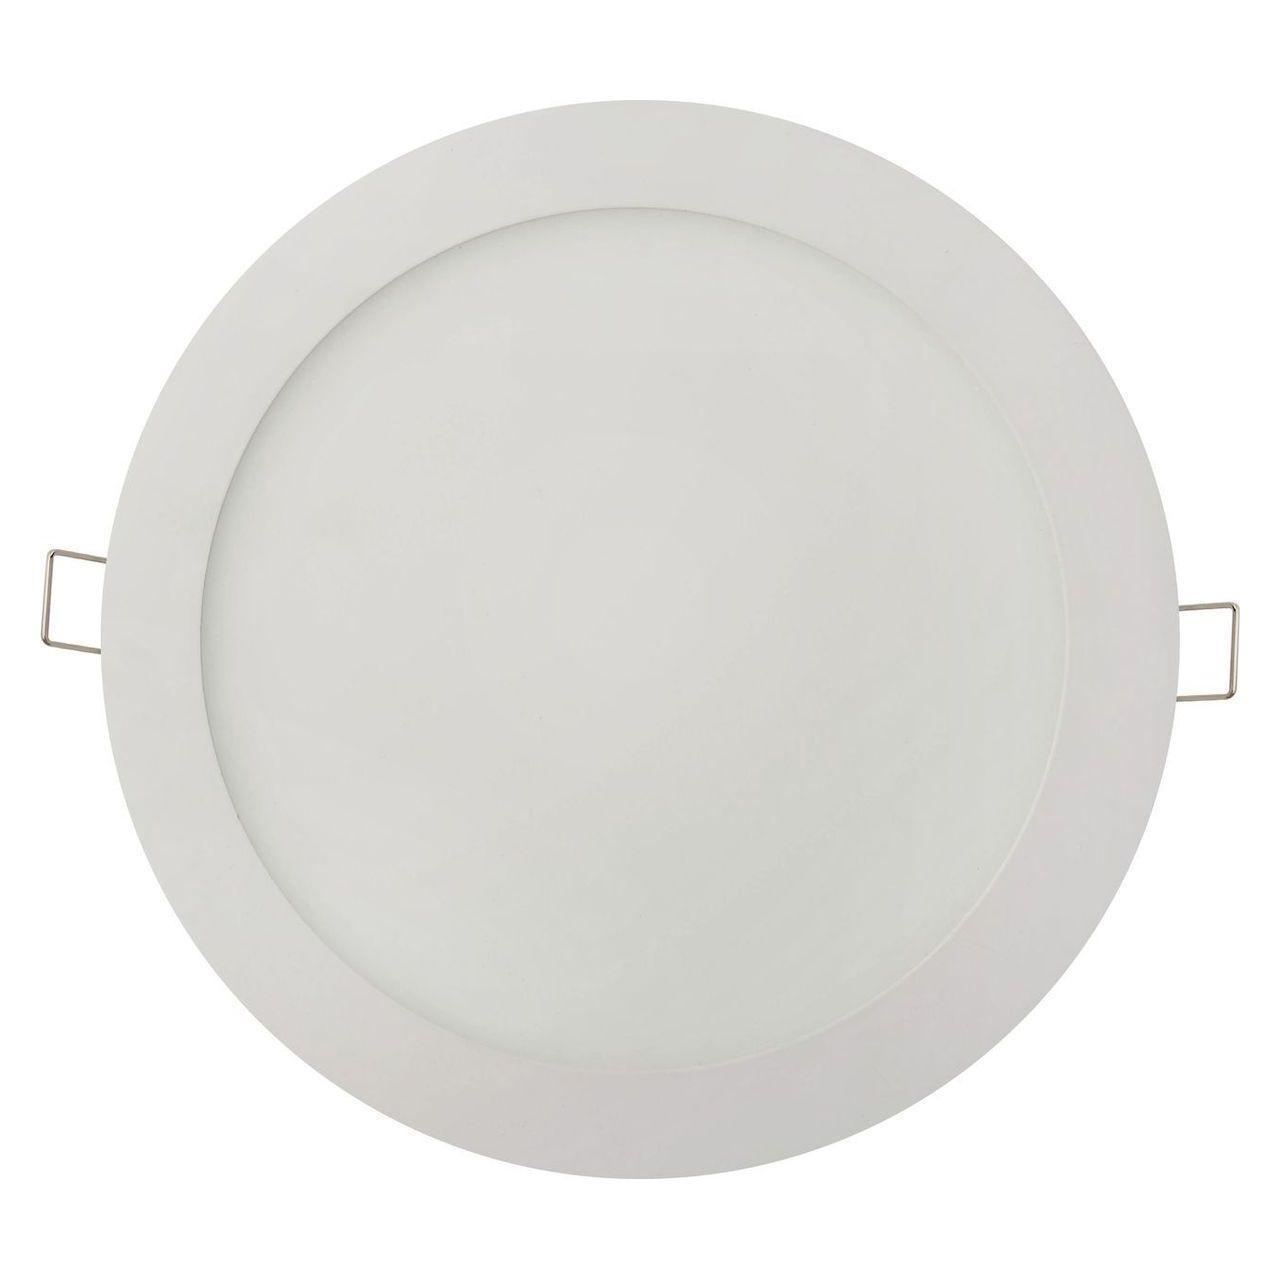 Встраиваемый светодиодный светильник Horoz Slim-15 15W 6400K 056-003-0015 встраиваемый светодиодный светильник horoz 15w 6000к белый 016 017 0015 hl6756l